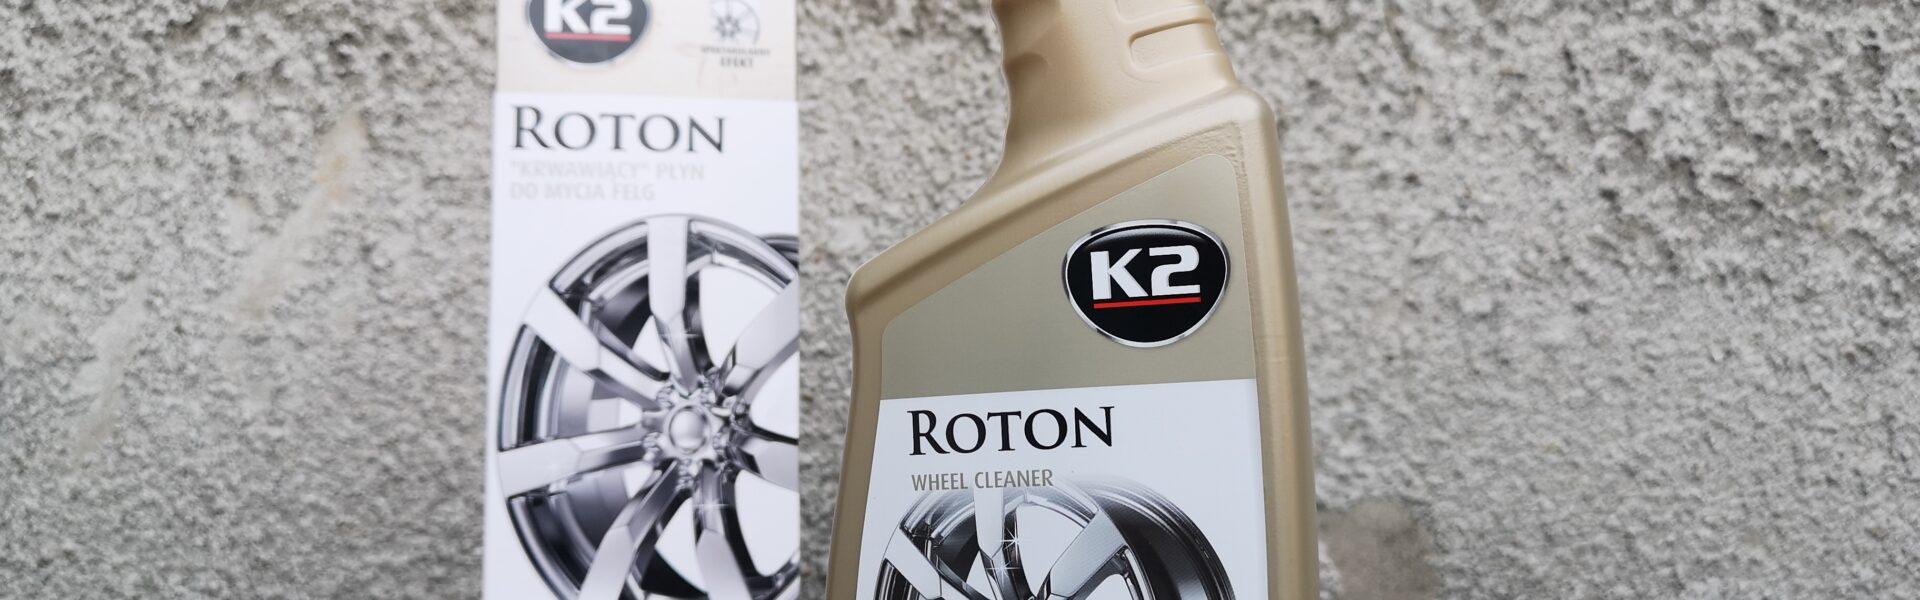 k2 roton test opinia